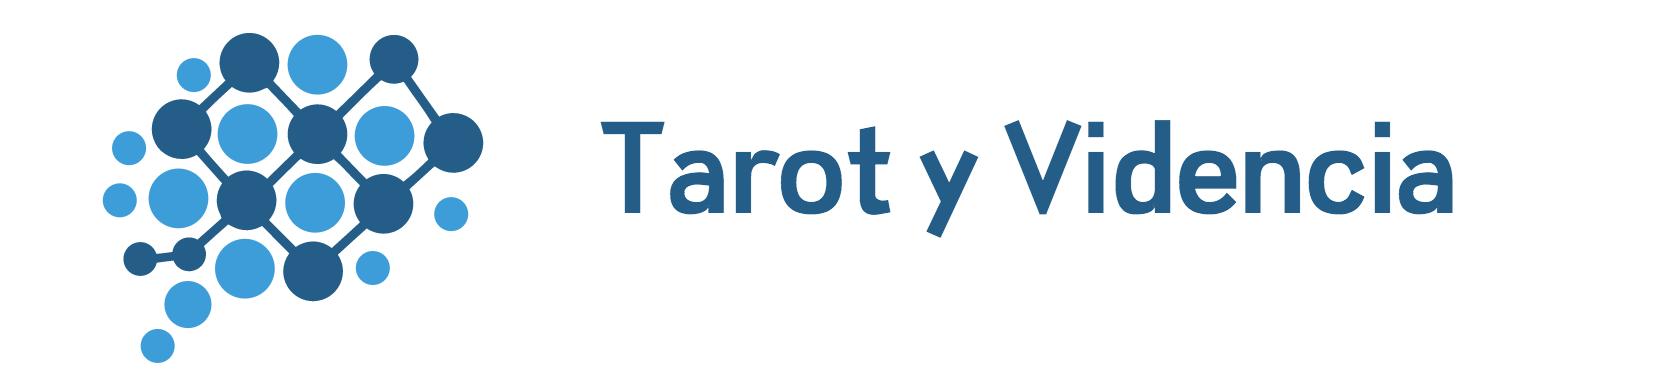 Tarot y Videncia